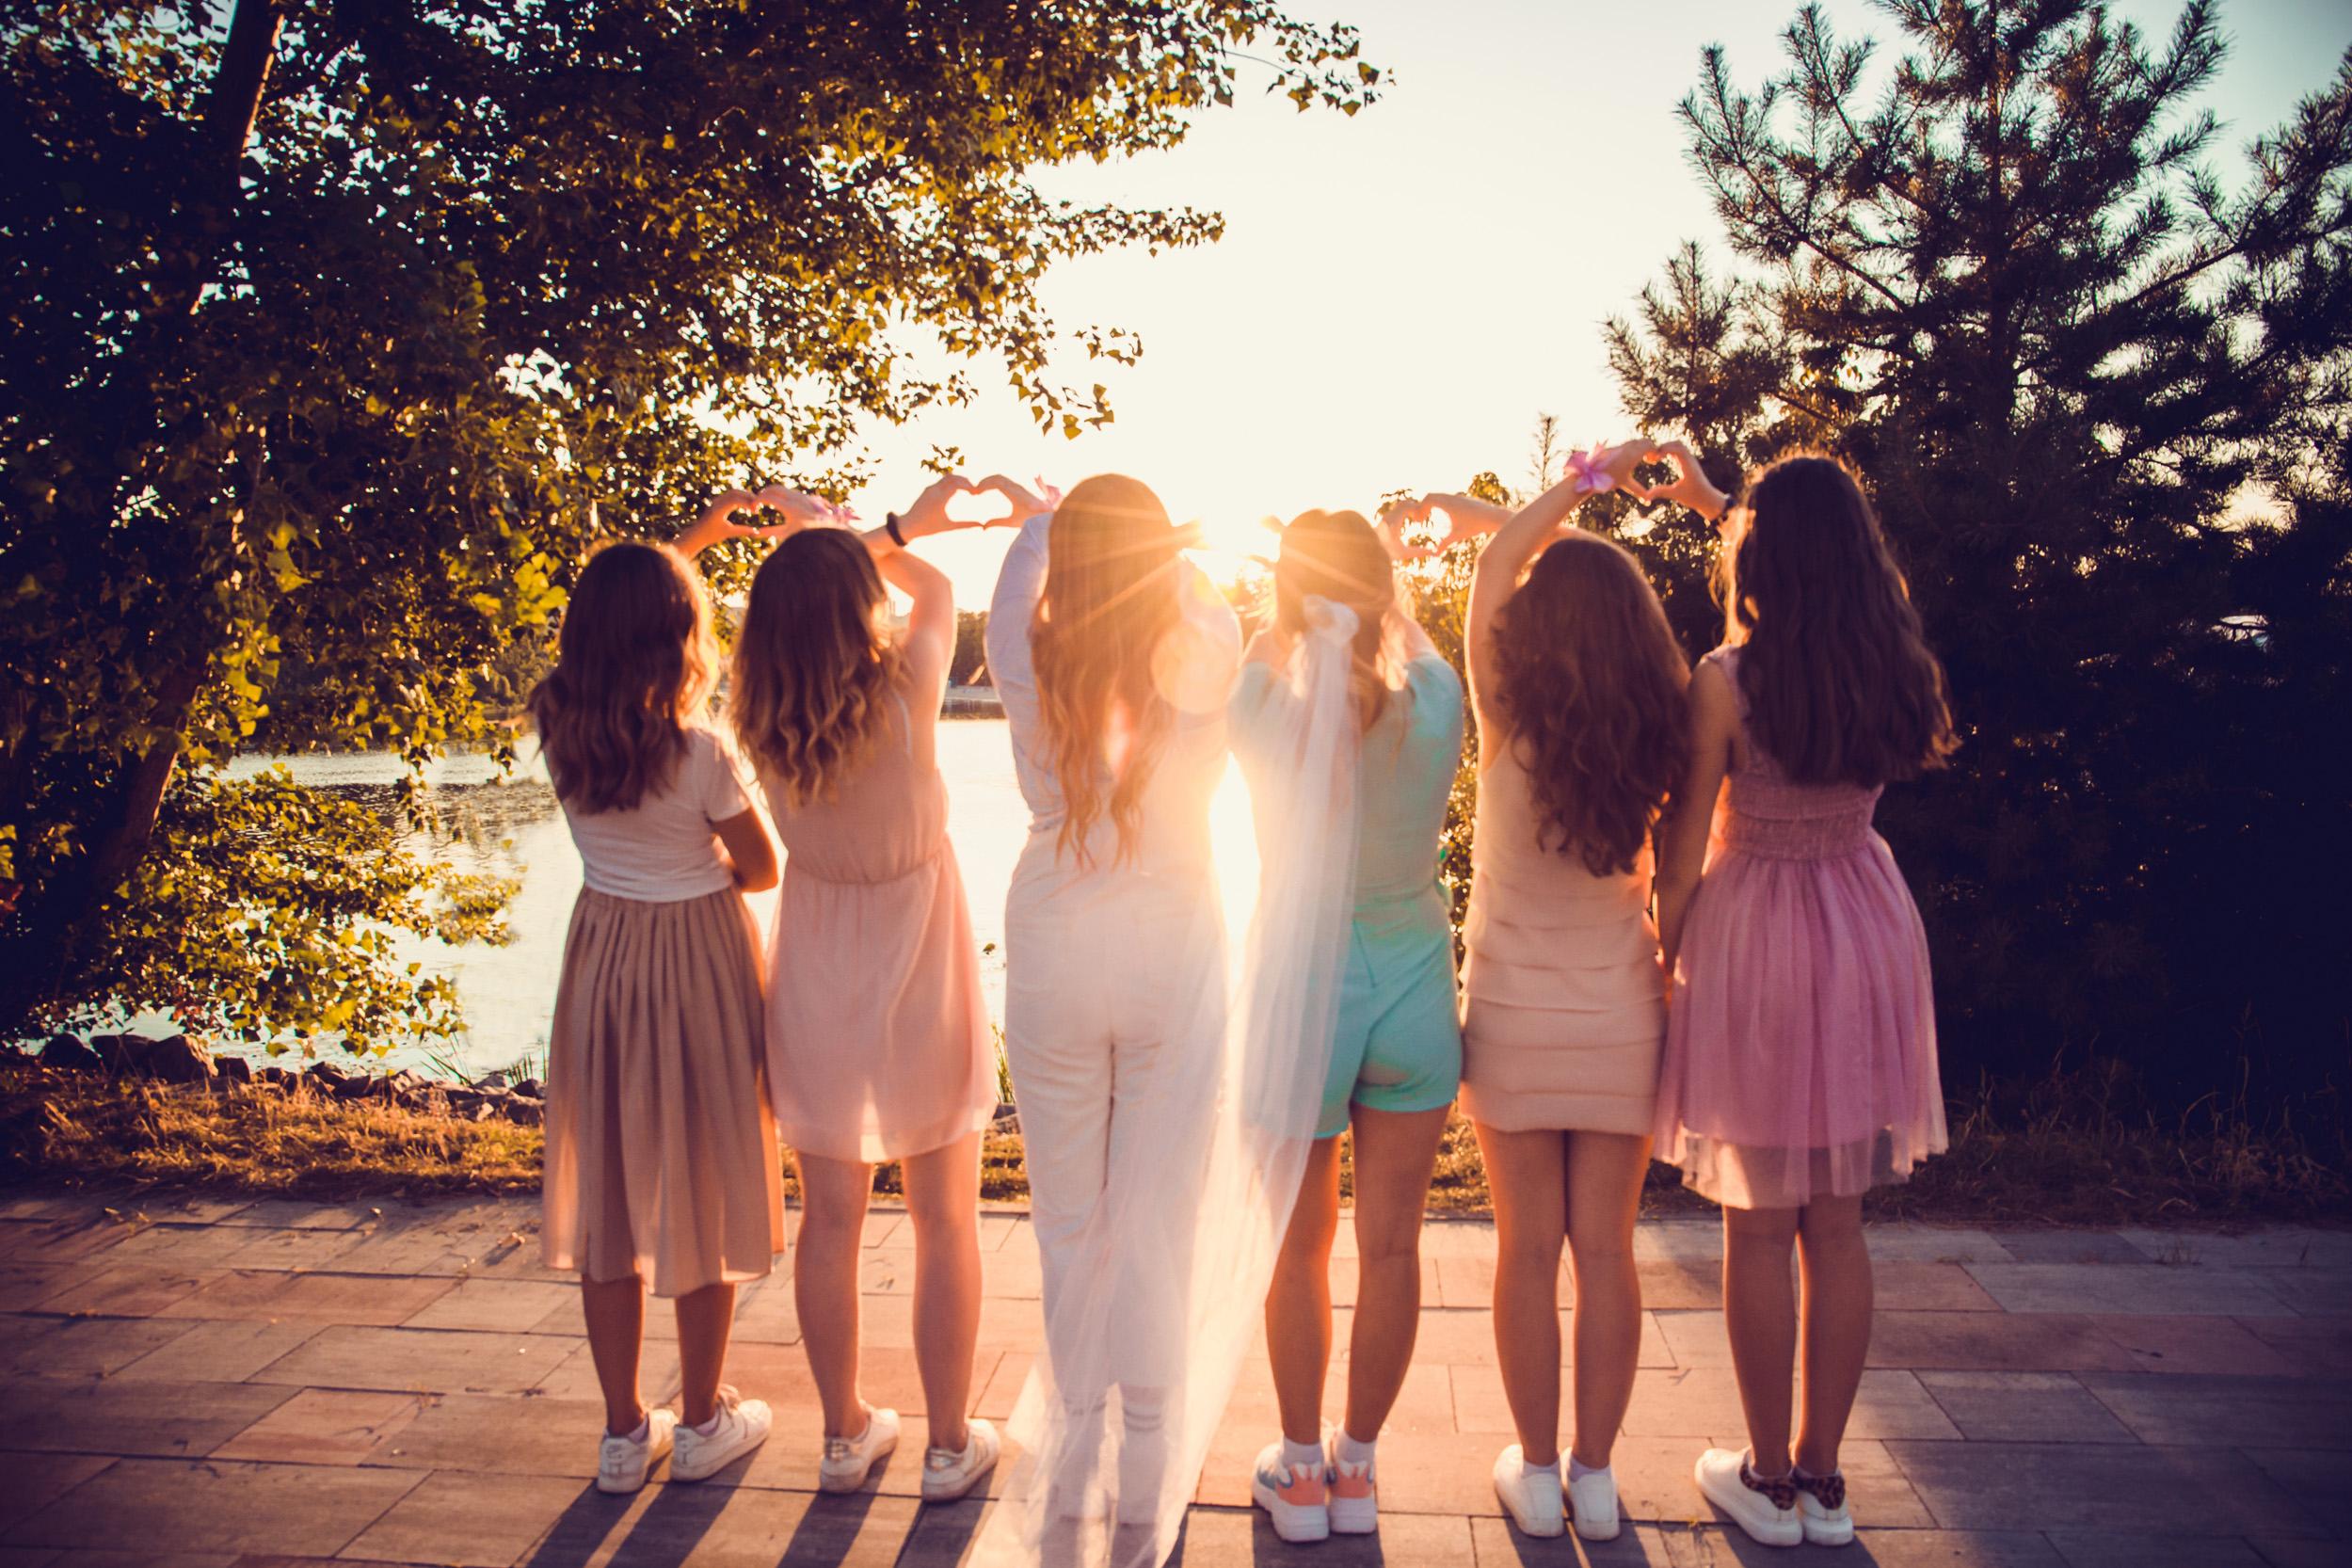 показывают сердечки руками, фотограф девичников в городе Киеве идеи фотосьемки подружек,